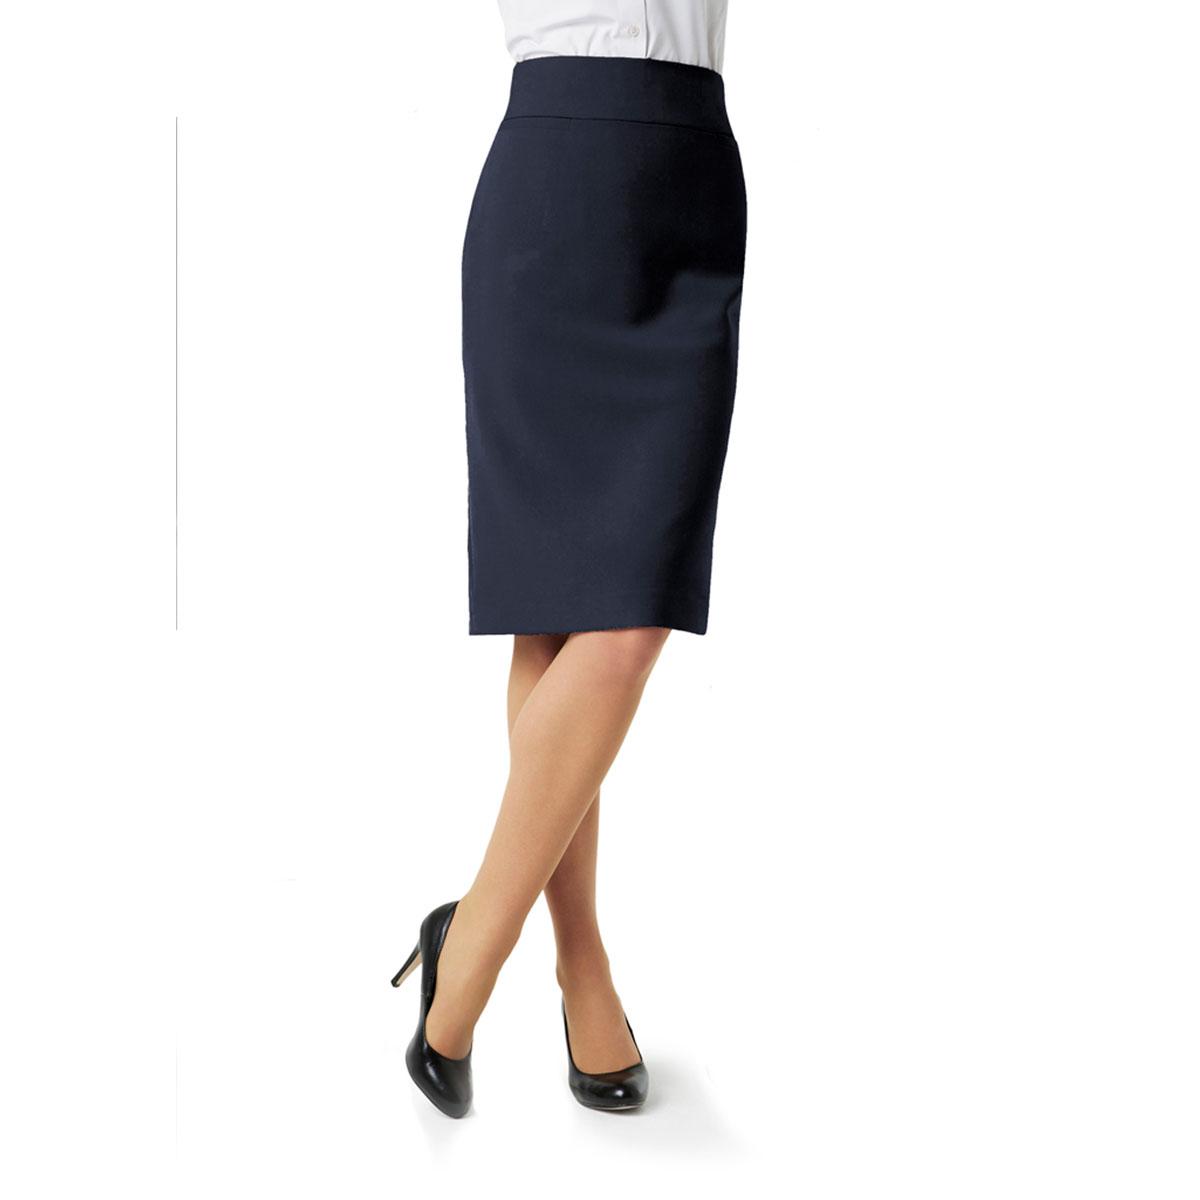 Ladies Classic Below Knee Skirt-Navy